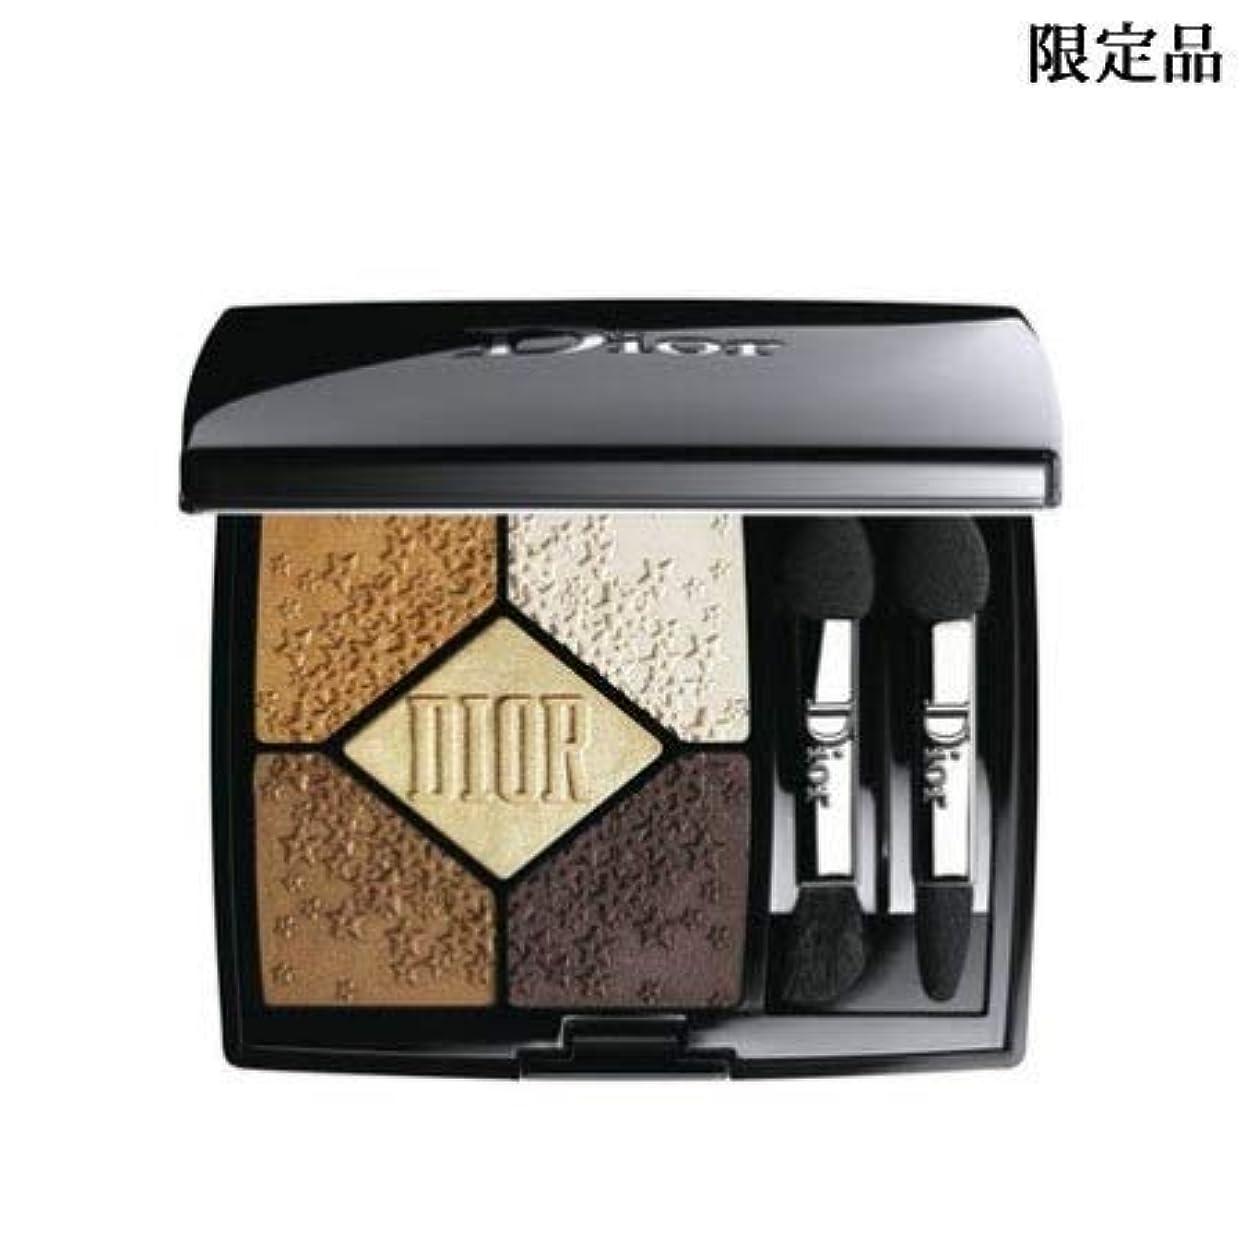 パンフレット熟達したコックディオール サンク クルール #617 ラッキー スター 限定色 -Dior-